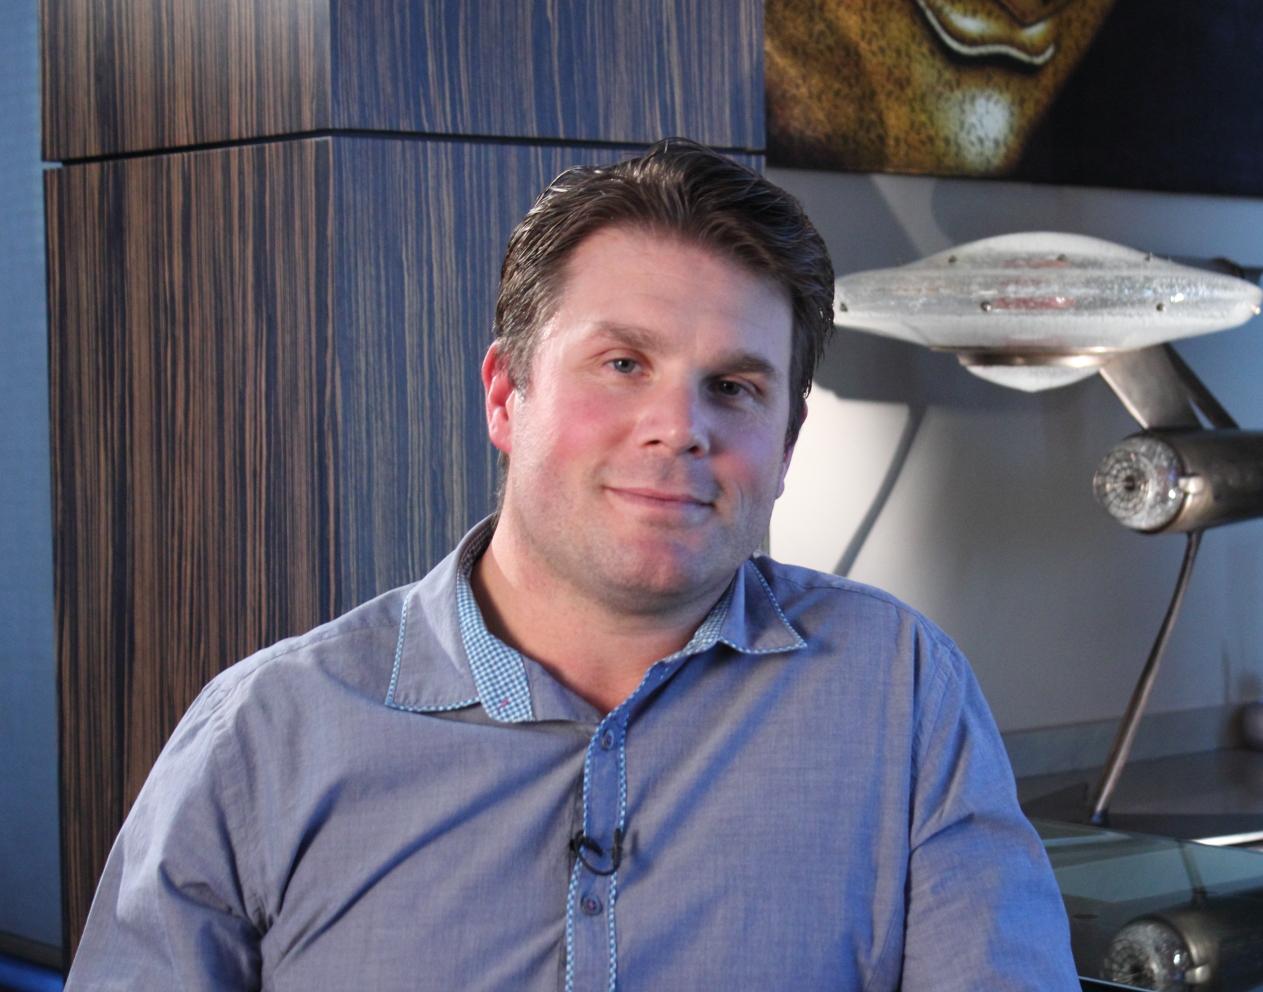 El hijo del creador de Star Trek será productor ejecutivo de la nueva serie